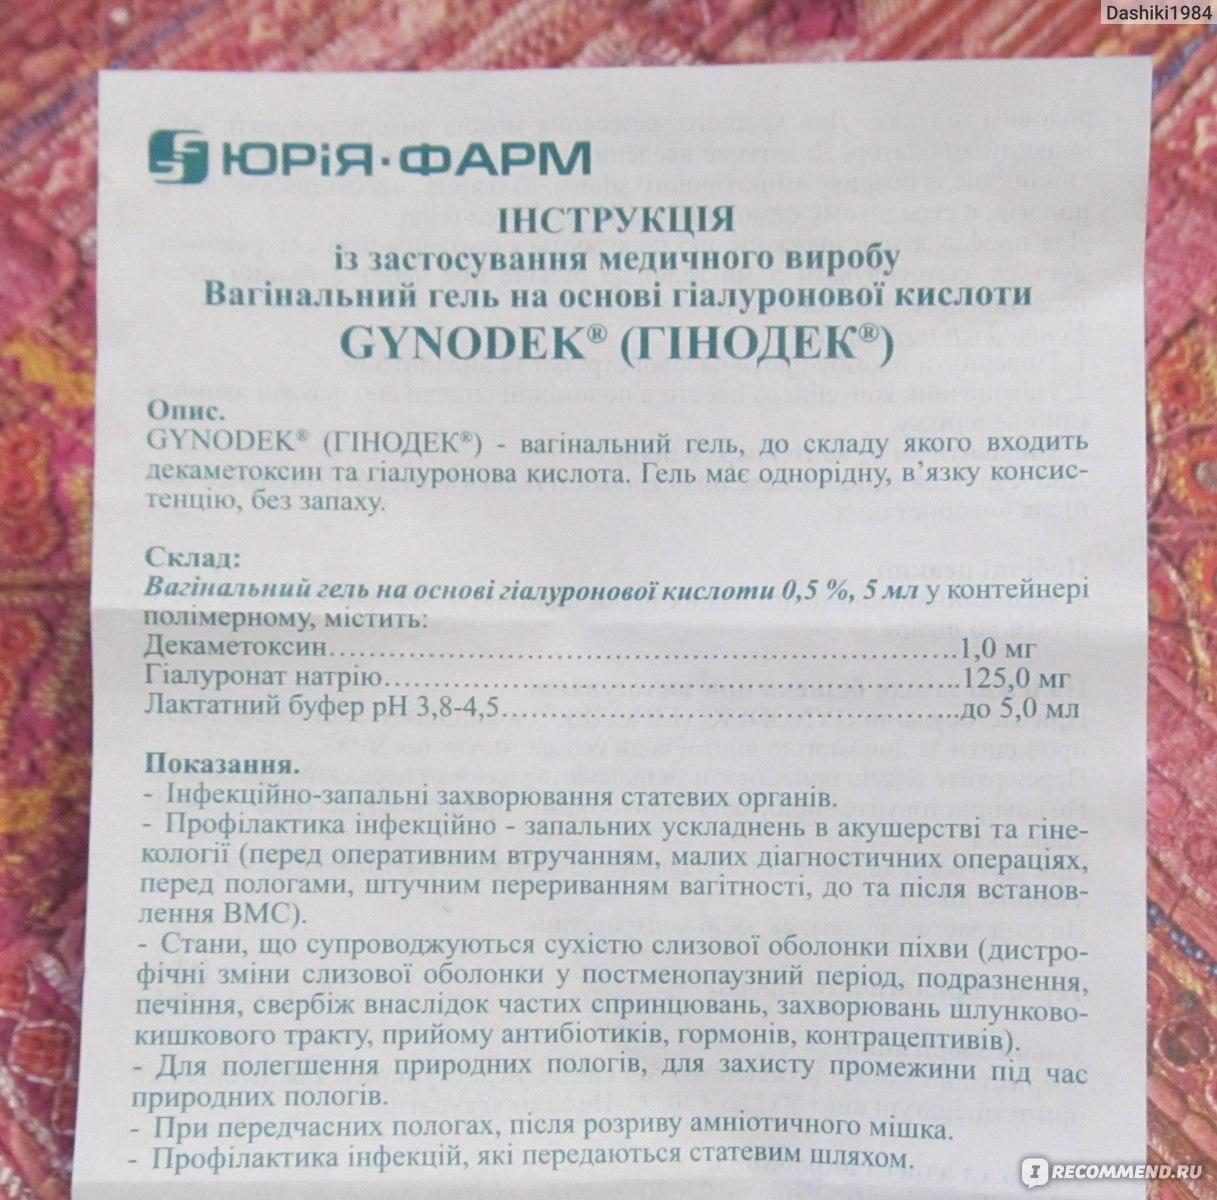 Гинодек 5 мл гель: цена, инструкция, отзывы, купить в украине.